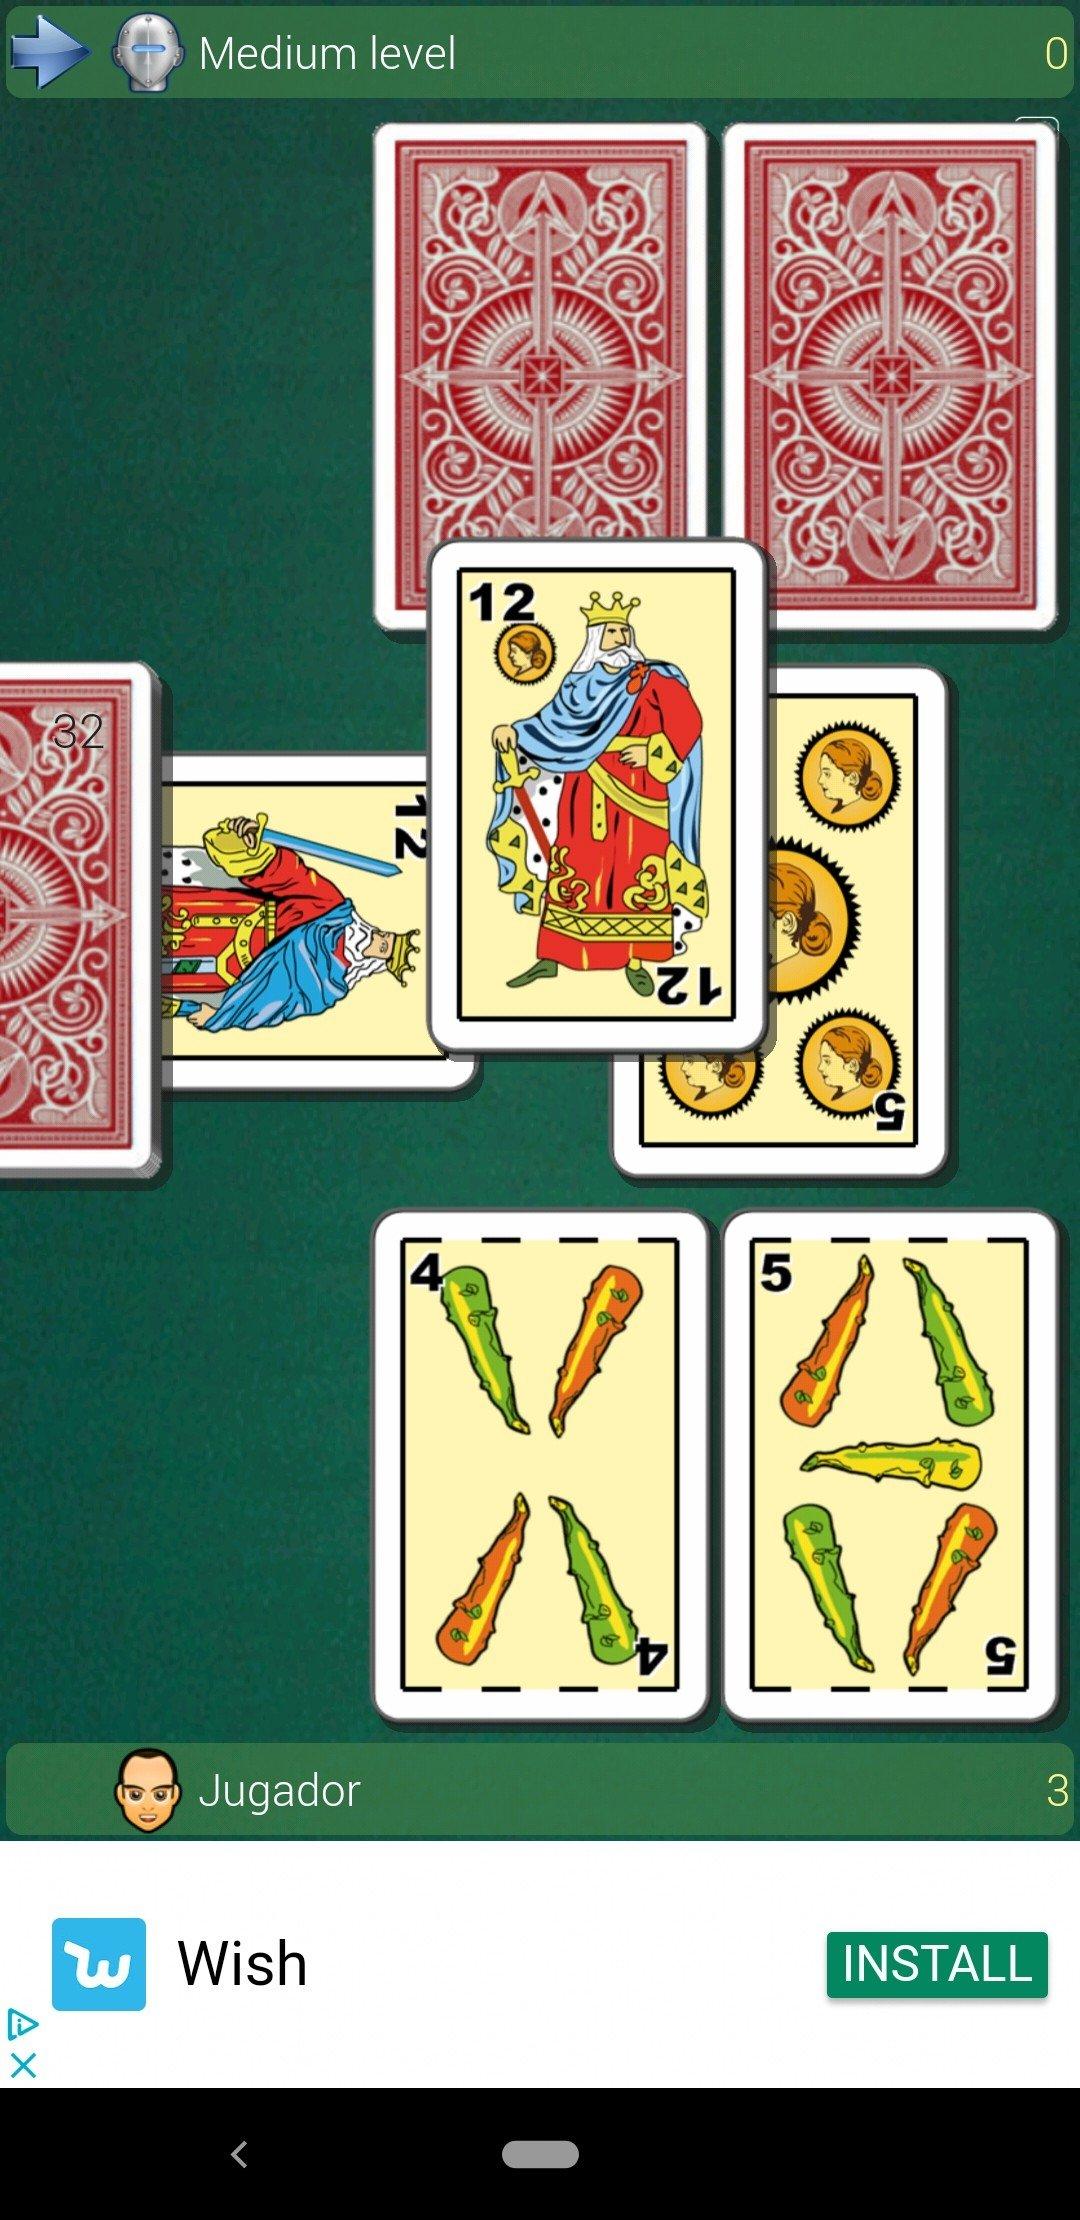 Scaricare gioco di carte briscola da